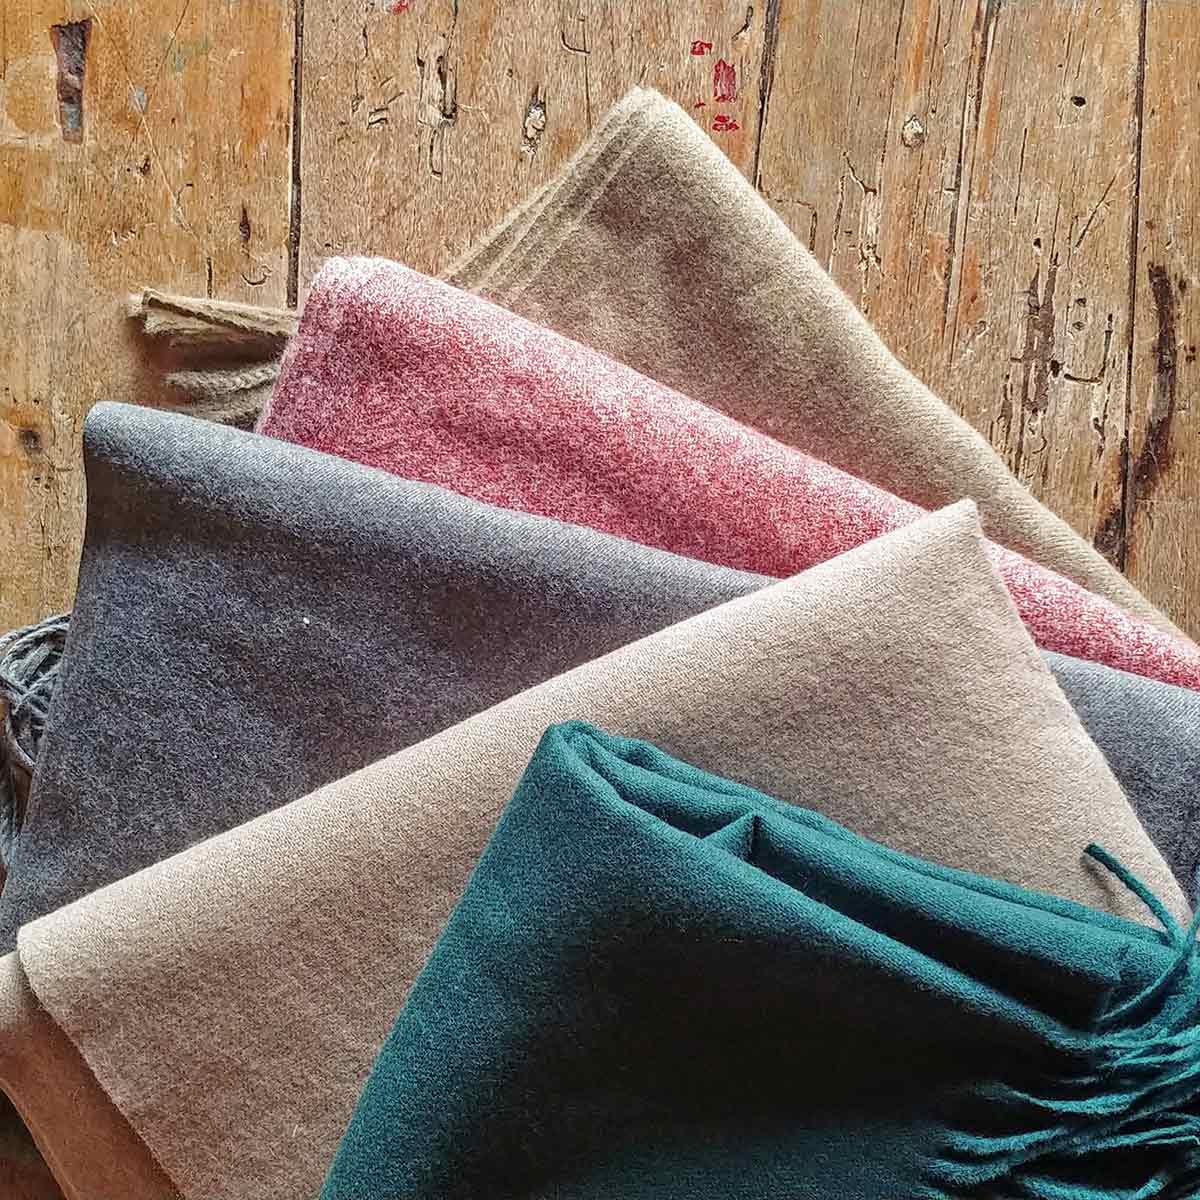 bufanda | Tana tienda artesanal